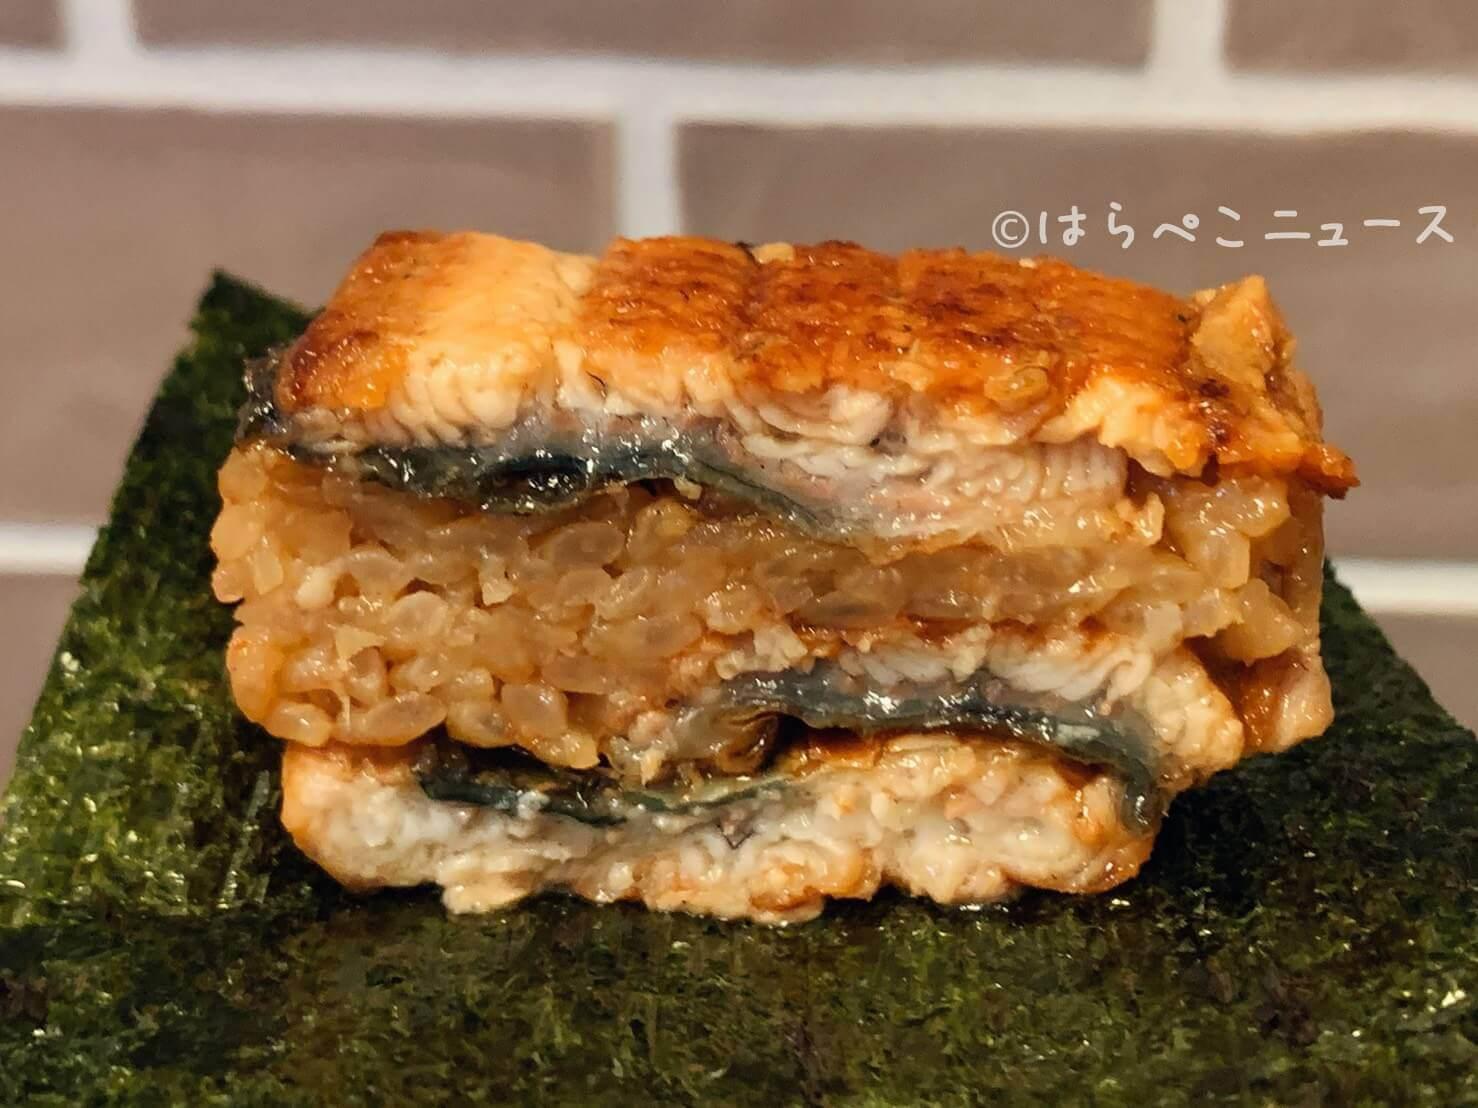 【実食レポ】『鰻バーガー』劇場型寿司エンターテイメント「照寿司」の超人気メニューが松屋フーズとコラボ!